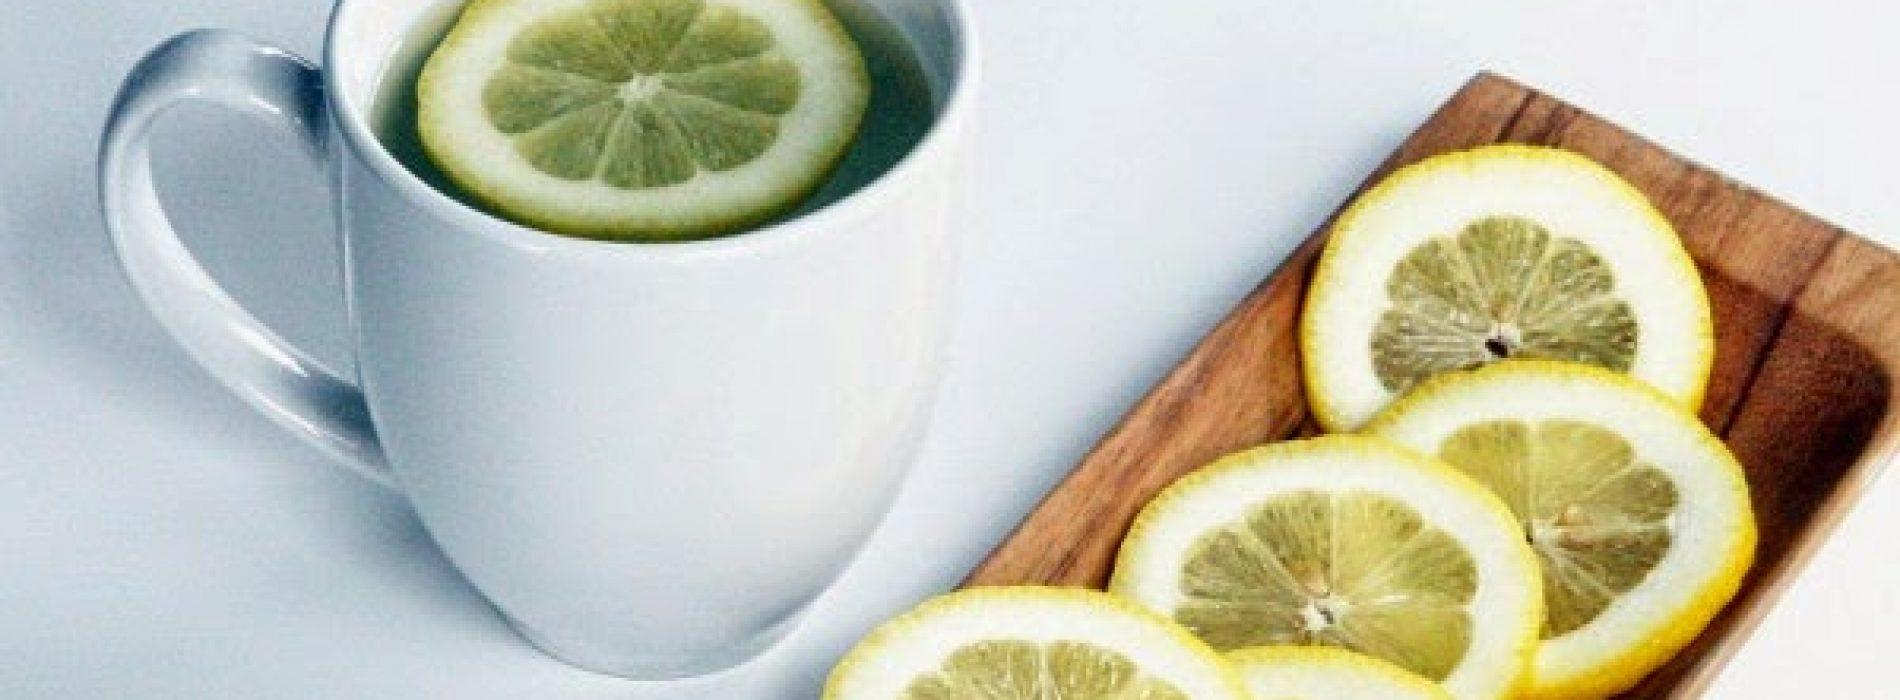 Wat gebeurt er met je lichaam als je warm water met citroen drinkt vroeg in de ochtend?